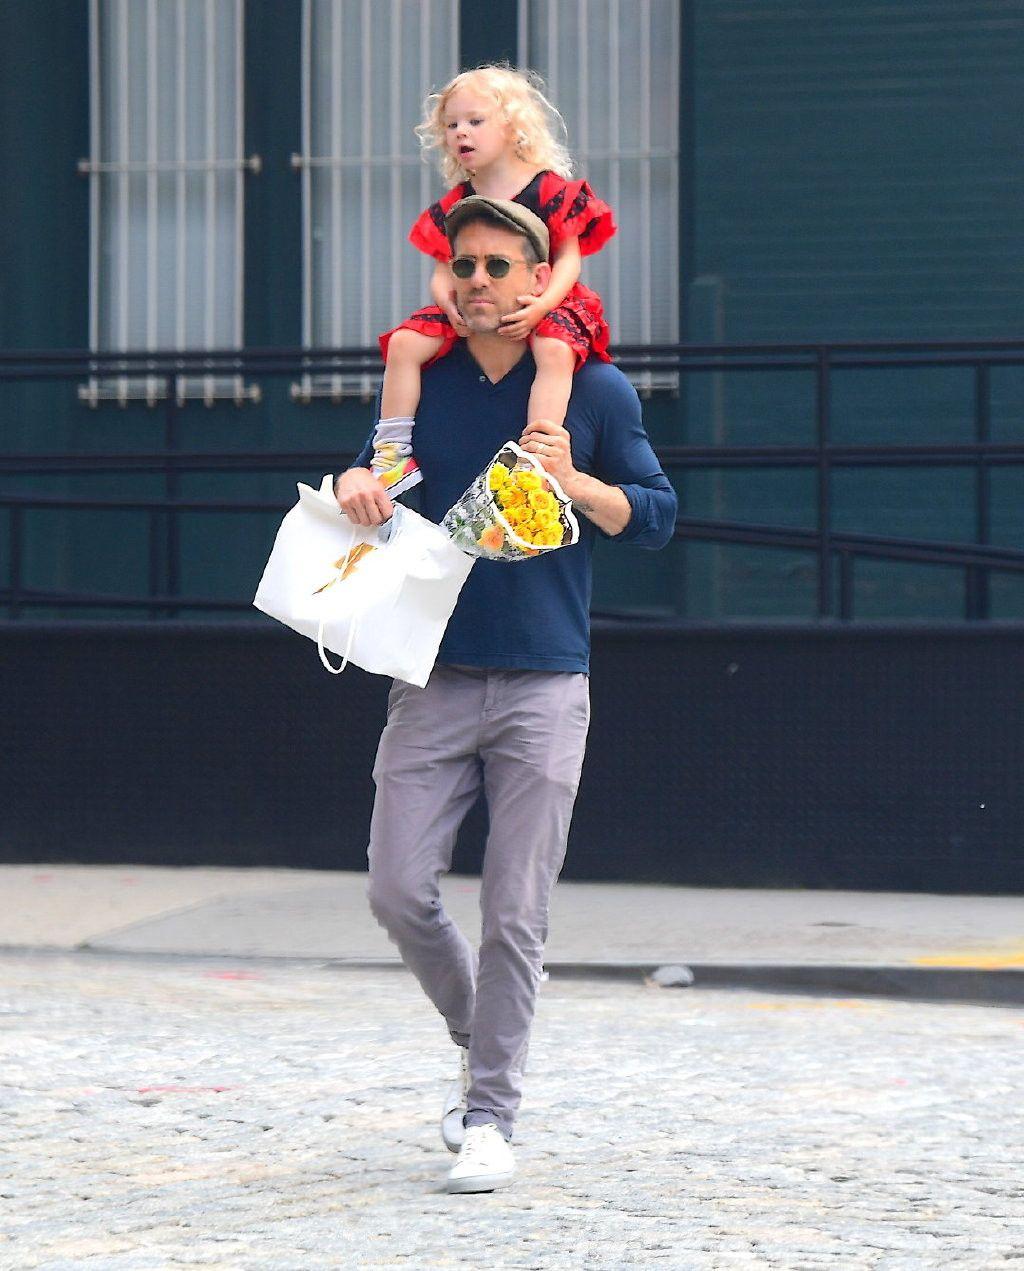 瑞安雷诺兹穿蓝色T配浅色休闲裤现身 带女儿骑在肩膀上十分宠溺